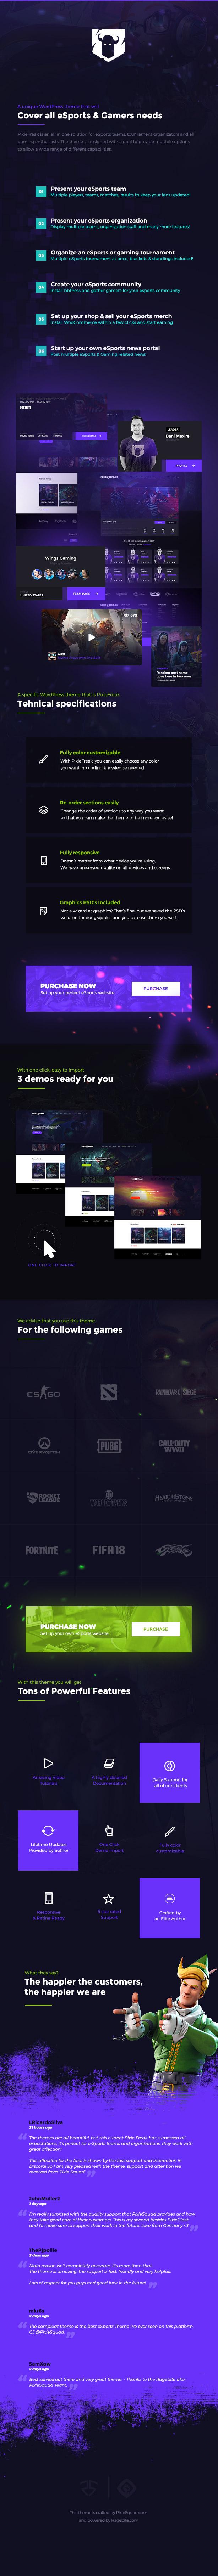 themeforest pixiefreak - PixieFreak | eSports gaming theme for teams & tournaments